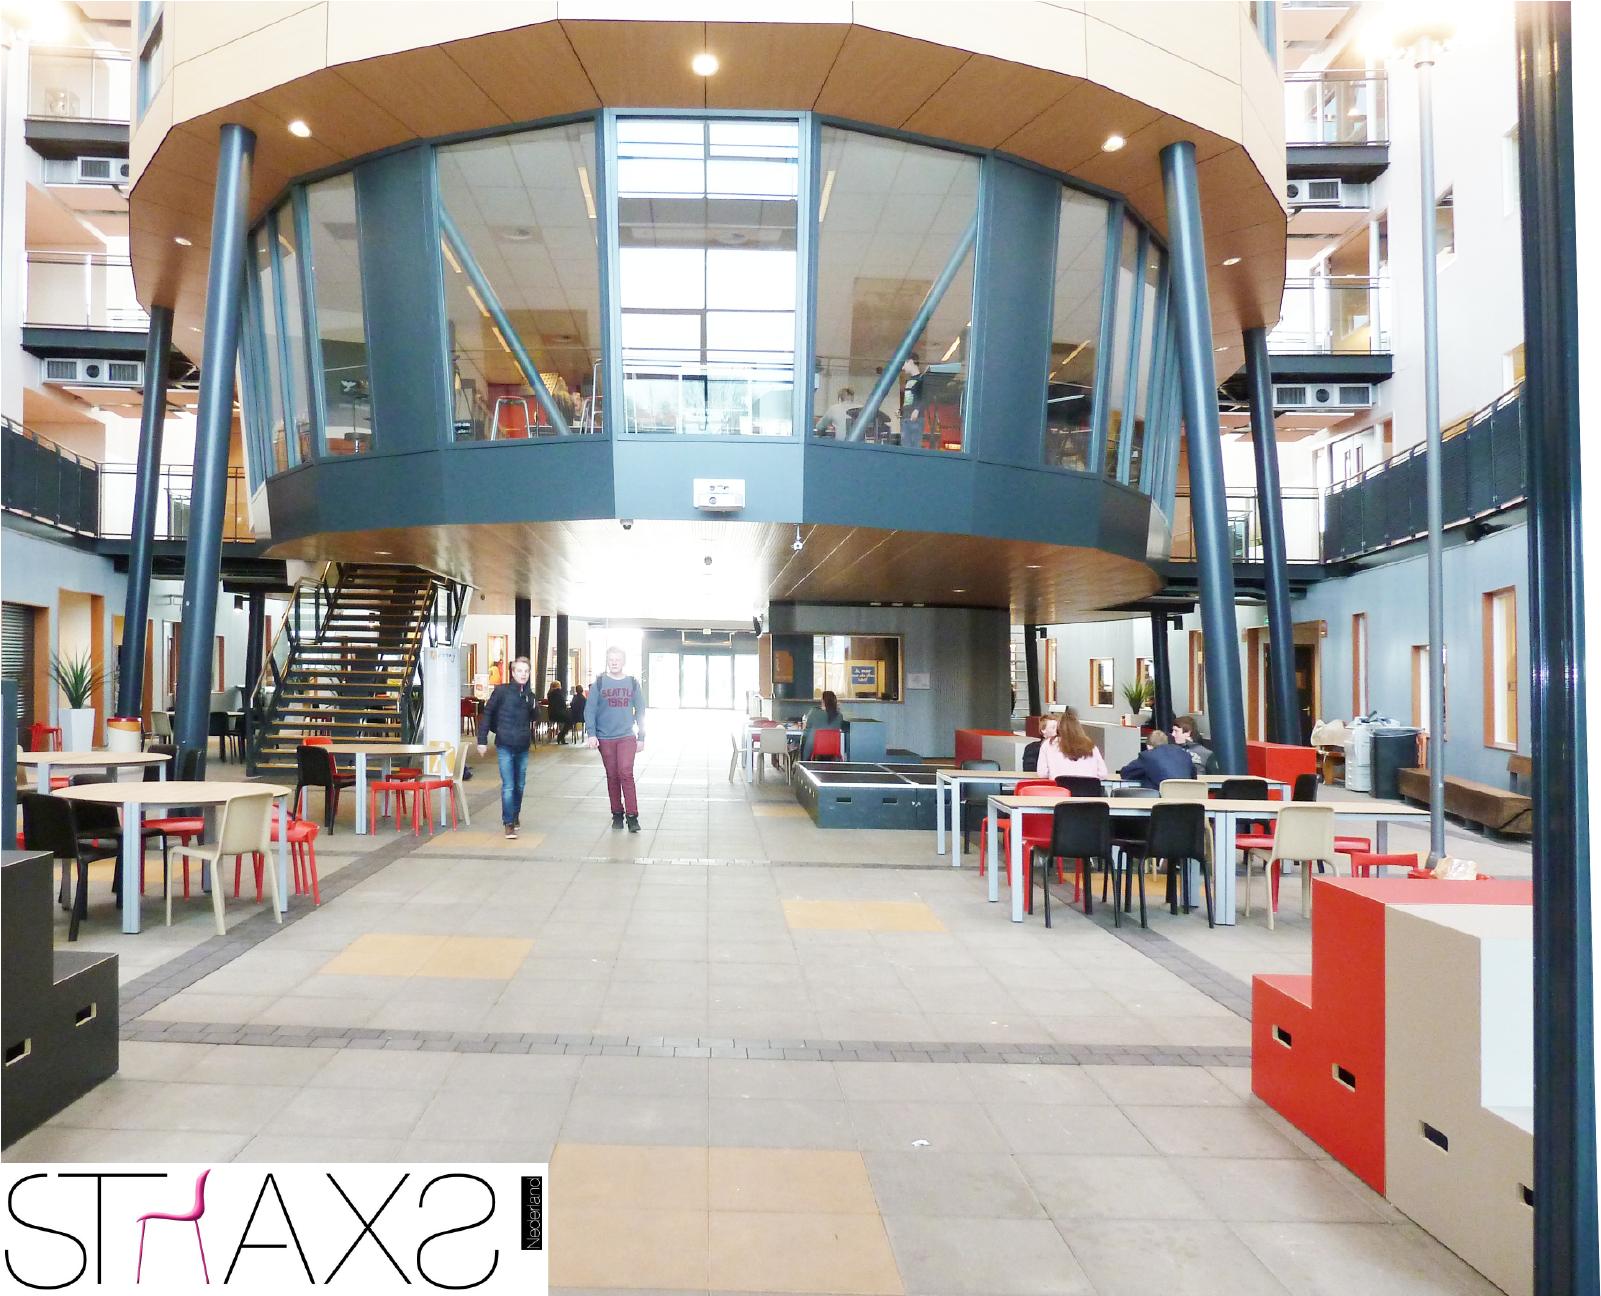 Straxs Nederland | Gerrit Komrij College | Interieur | Interior ...